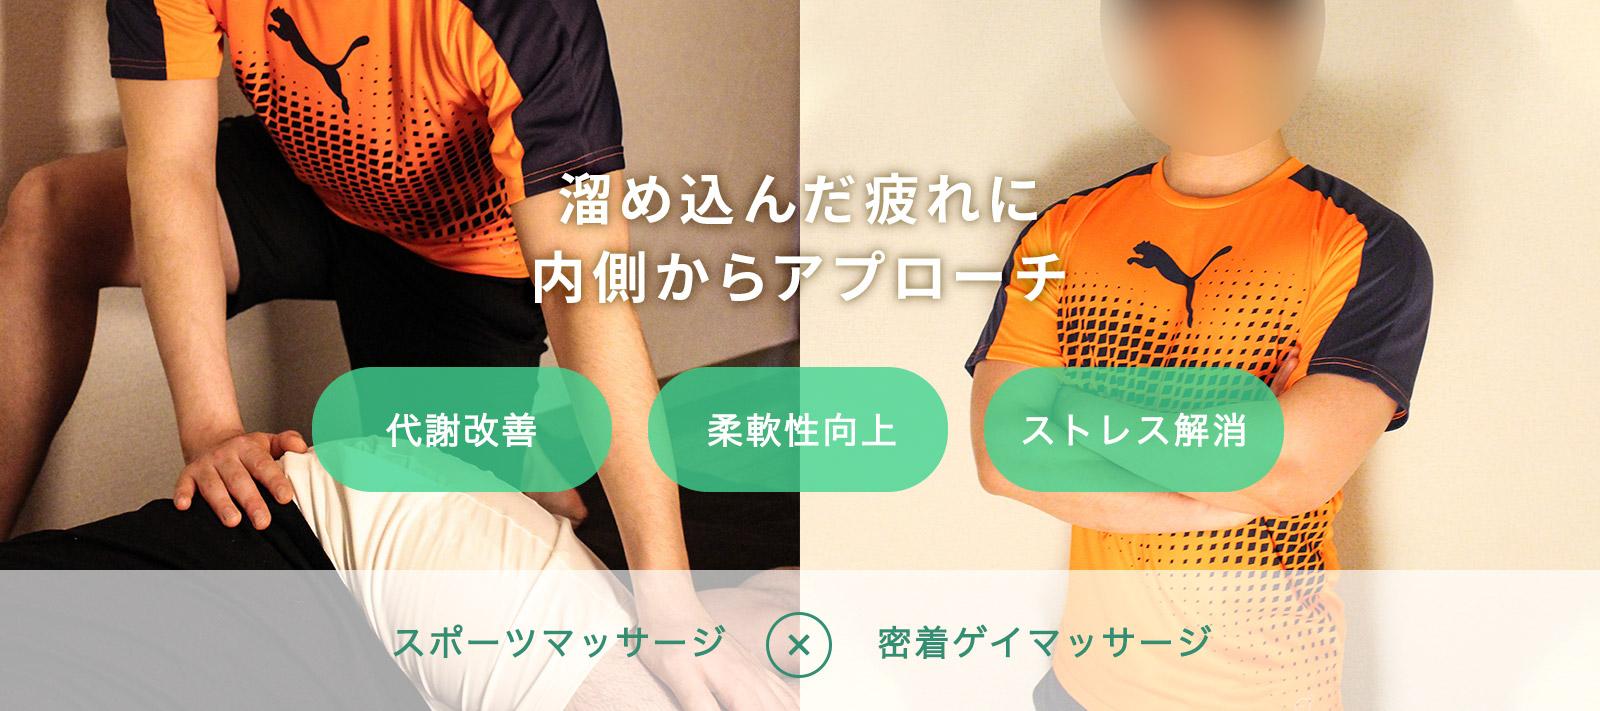 東京ゲイマッサージ専門店FRESHCAREはこちら